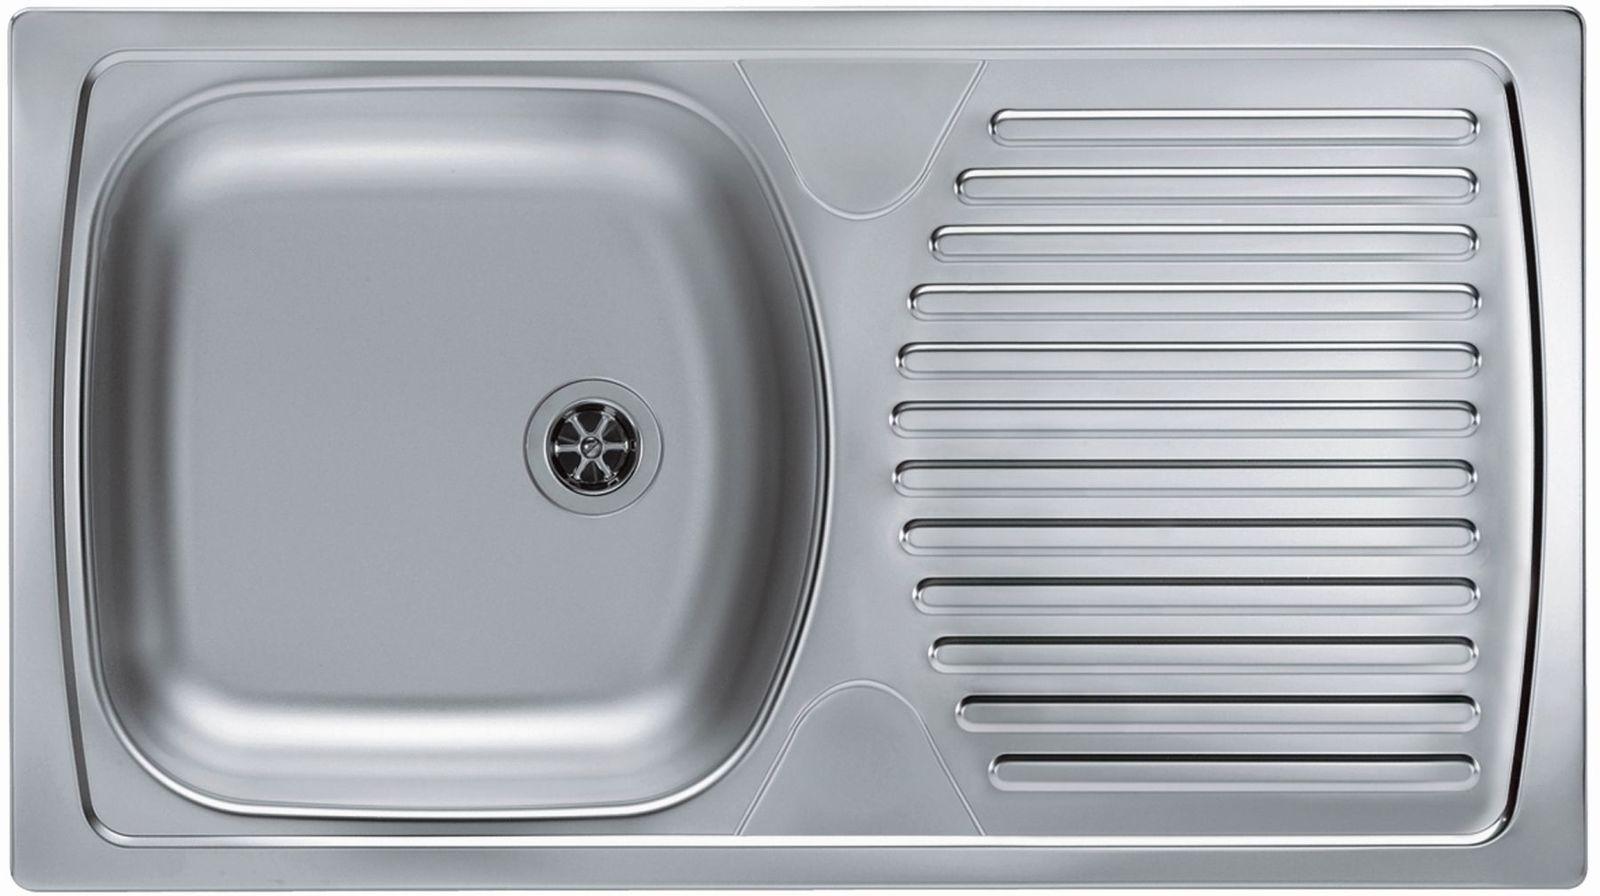 Alveus Einbau Campingspüle 780 x 435 mm Küchenspüle Abwaschbecken ...